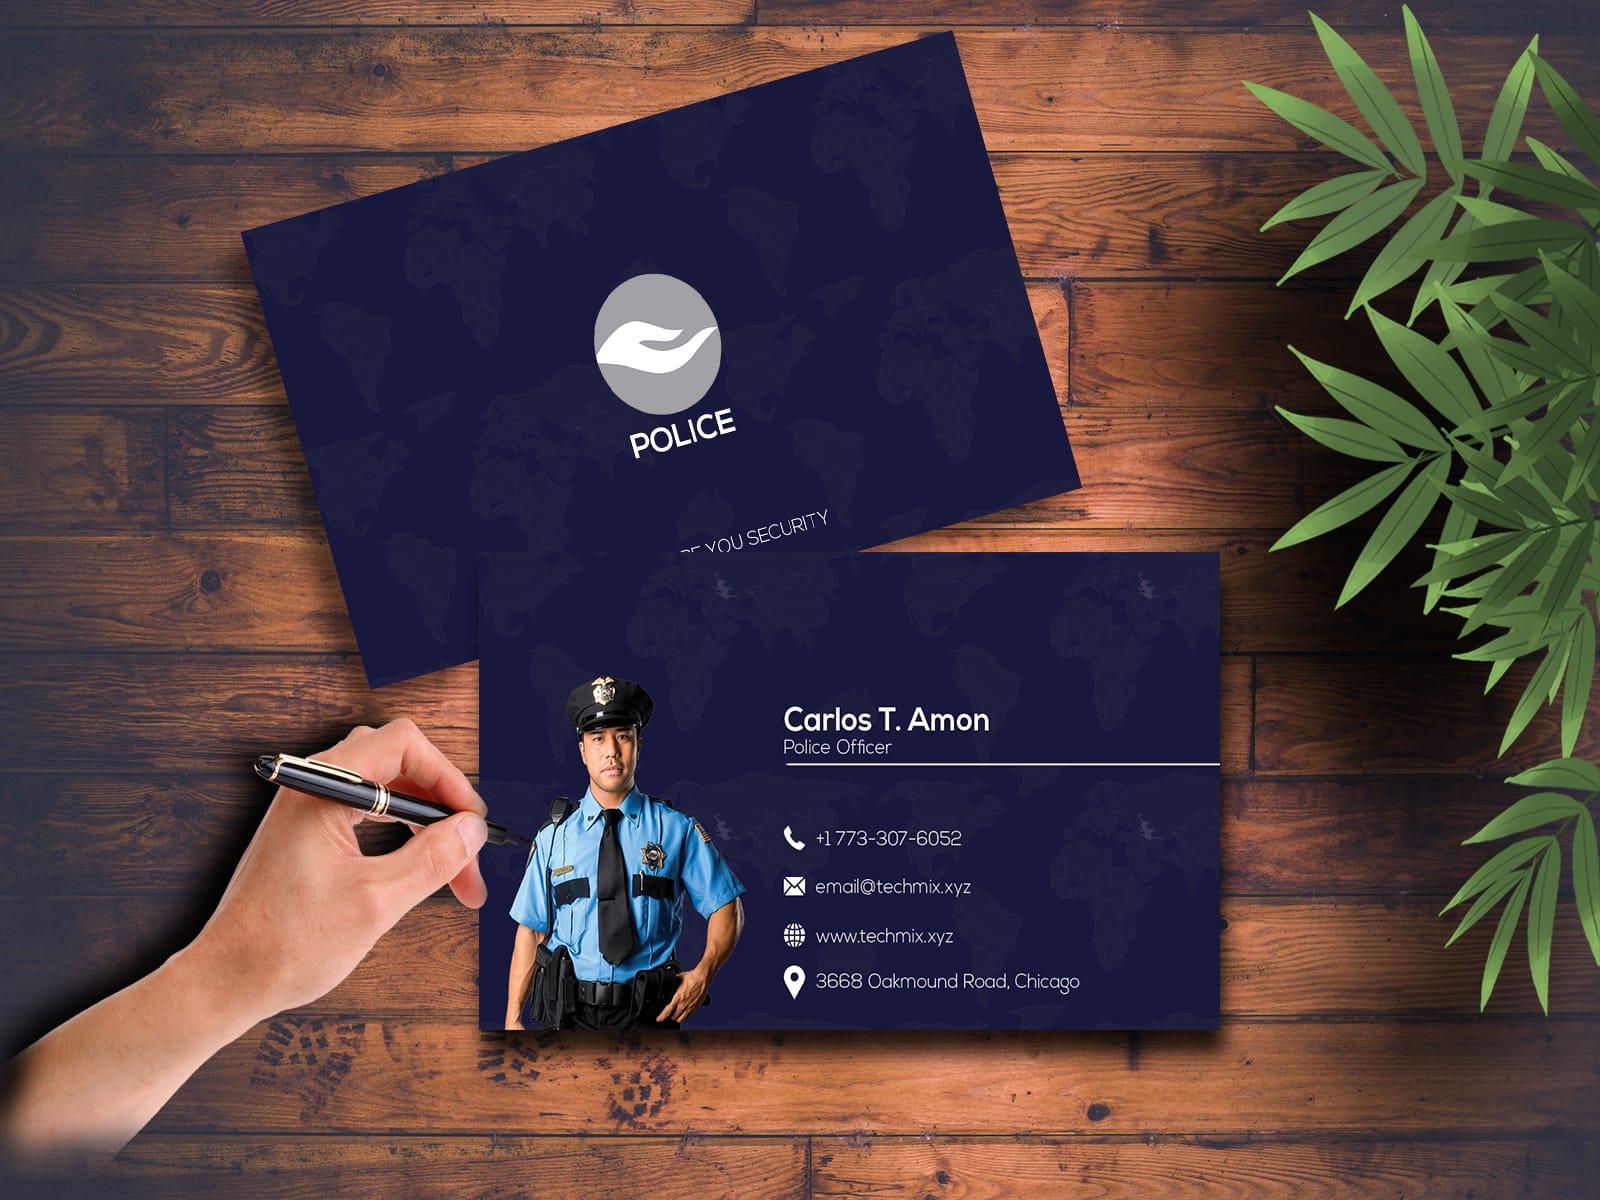 Police Officer Business Card Design